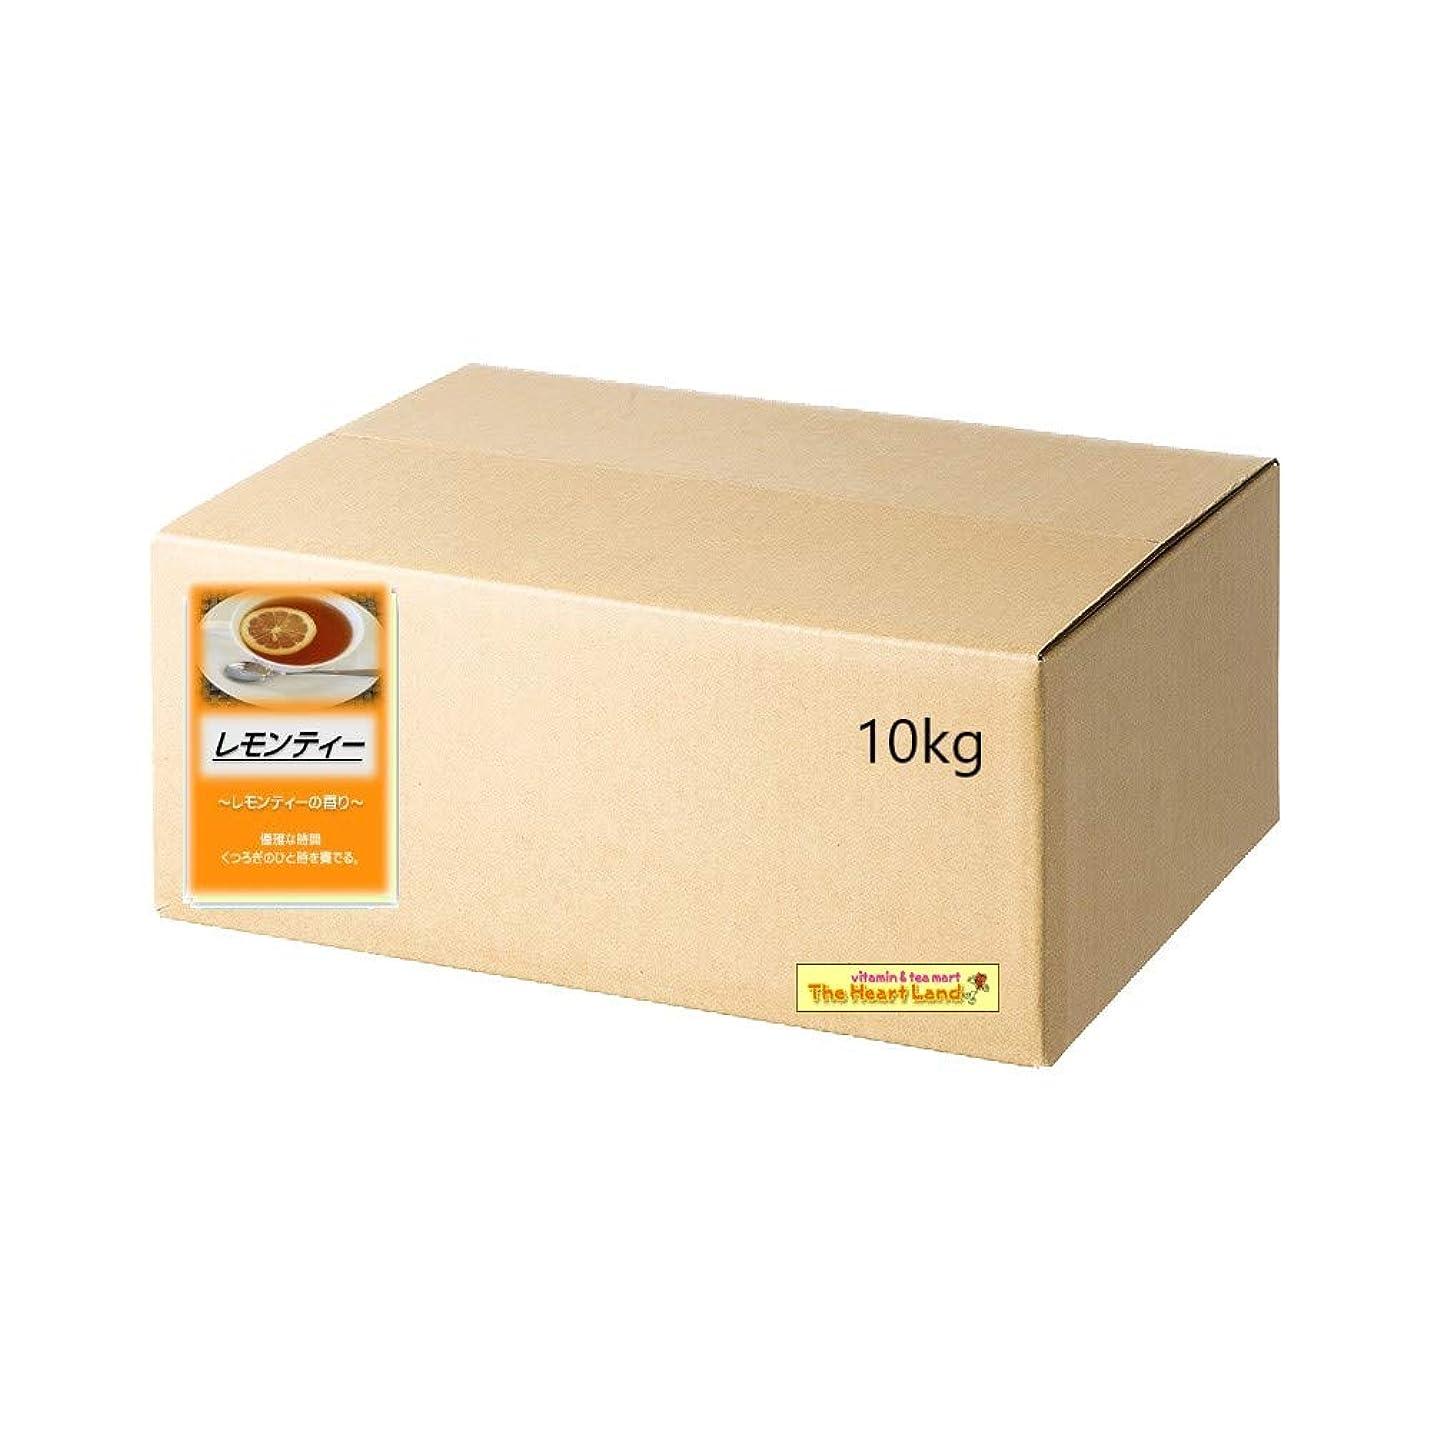 プロフィール変形するデジタルアサヒ入浴剤 浴用入浴化粧品 レモンティー 10kg